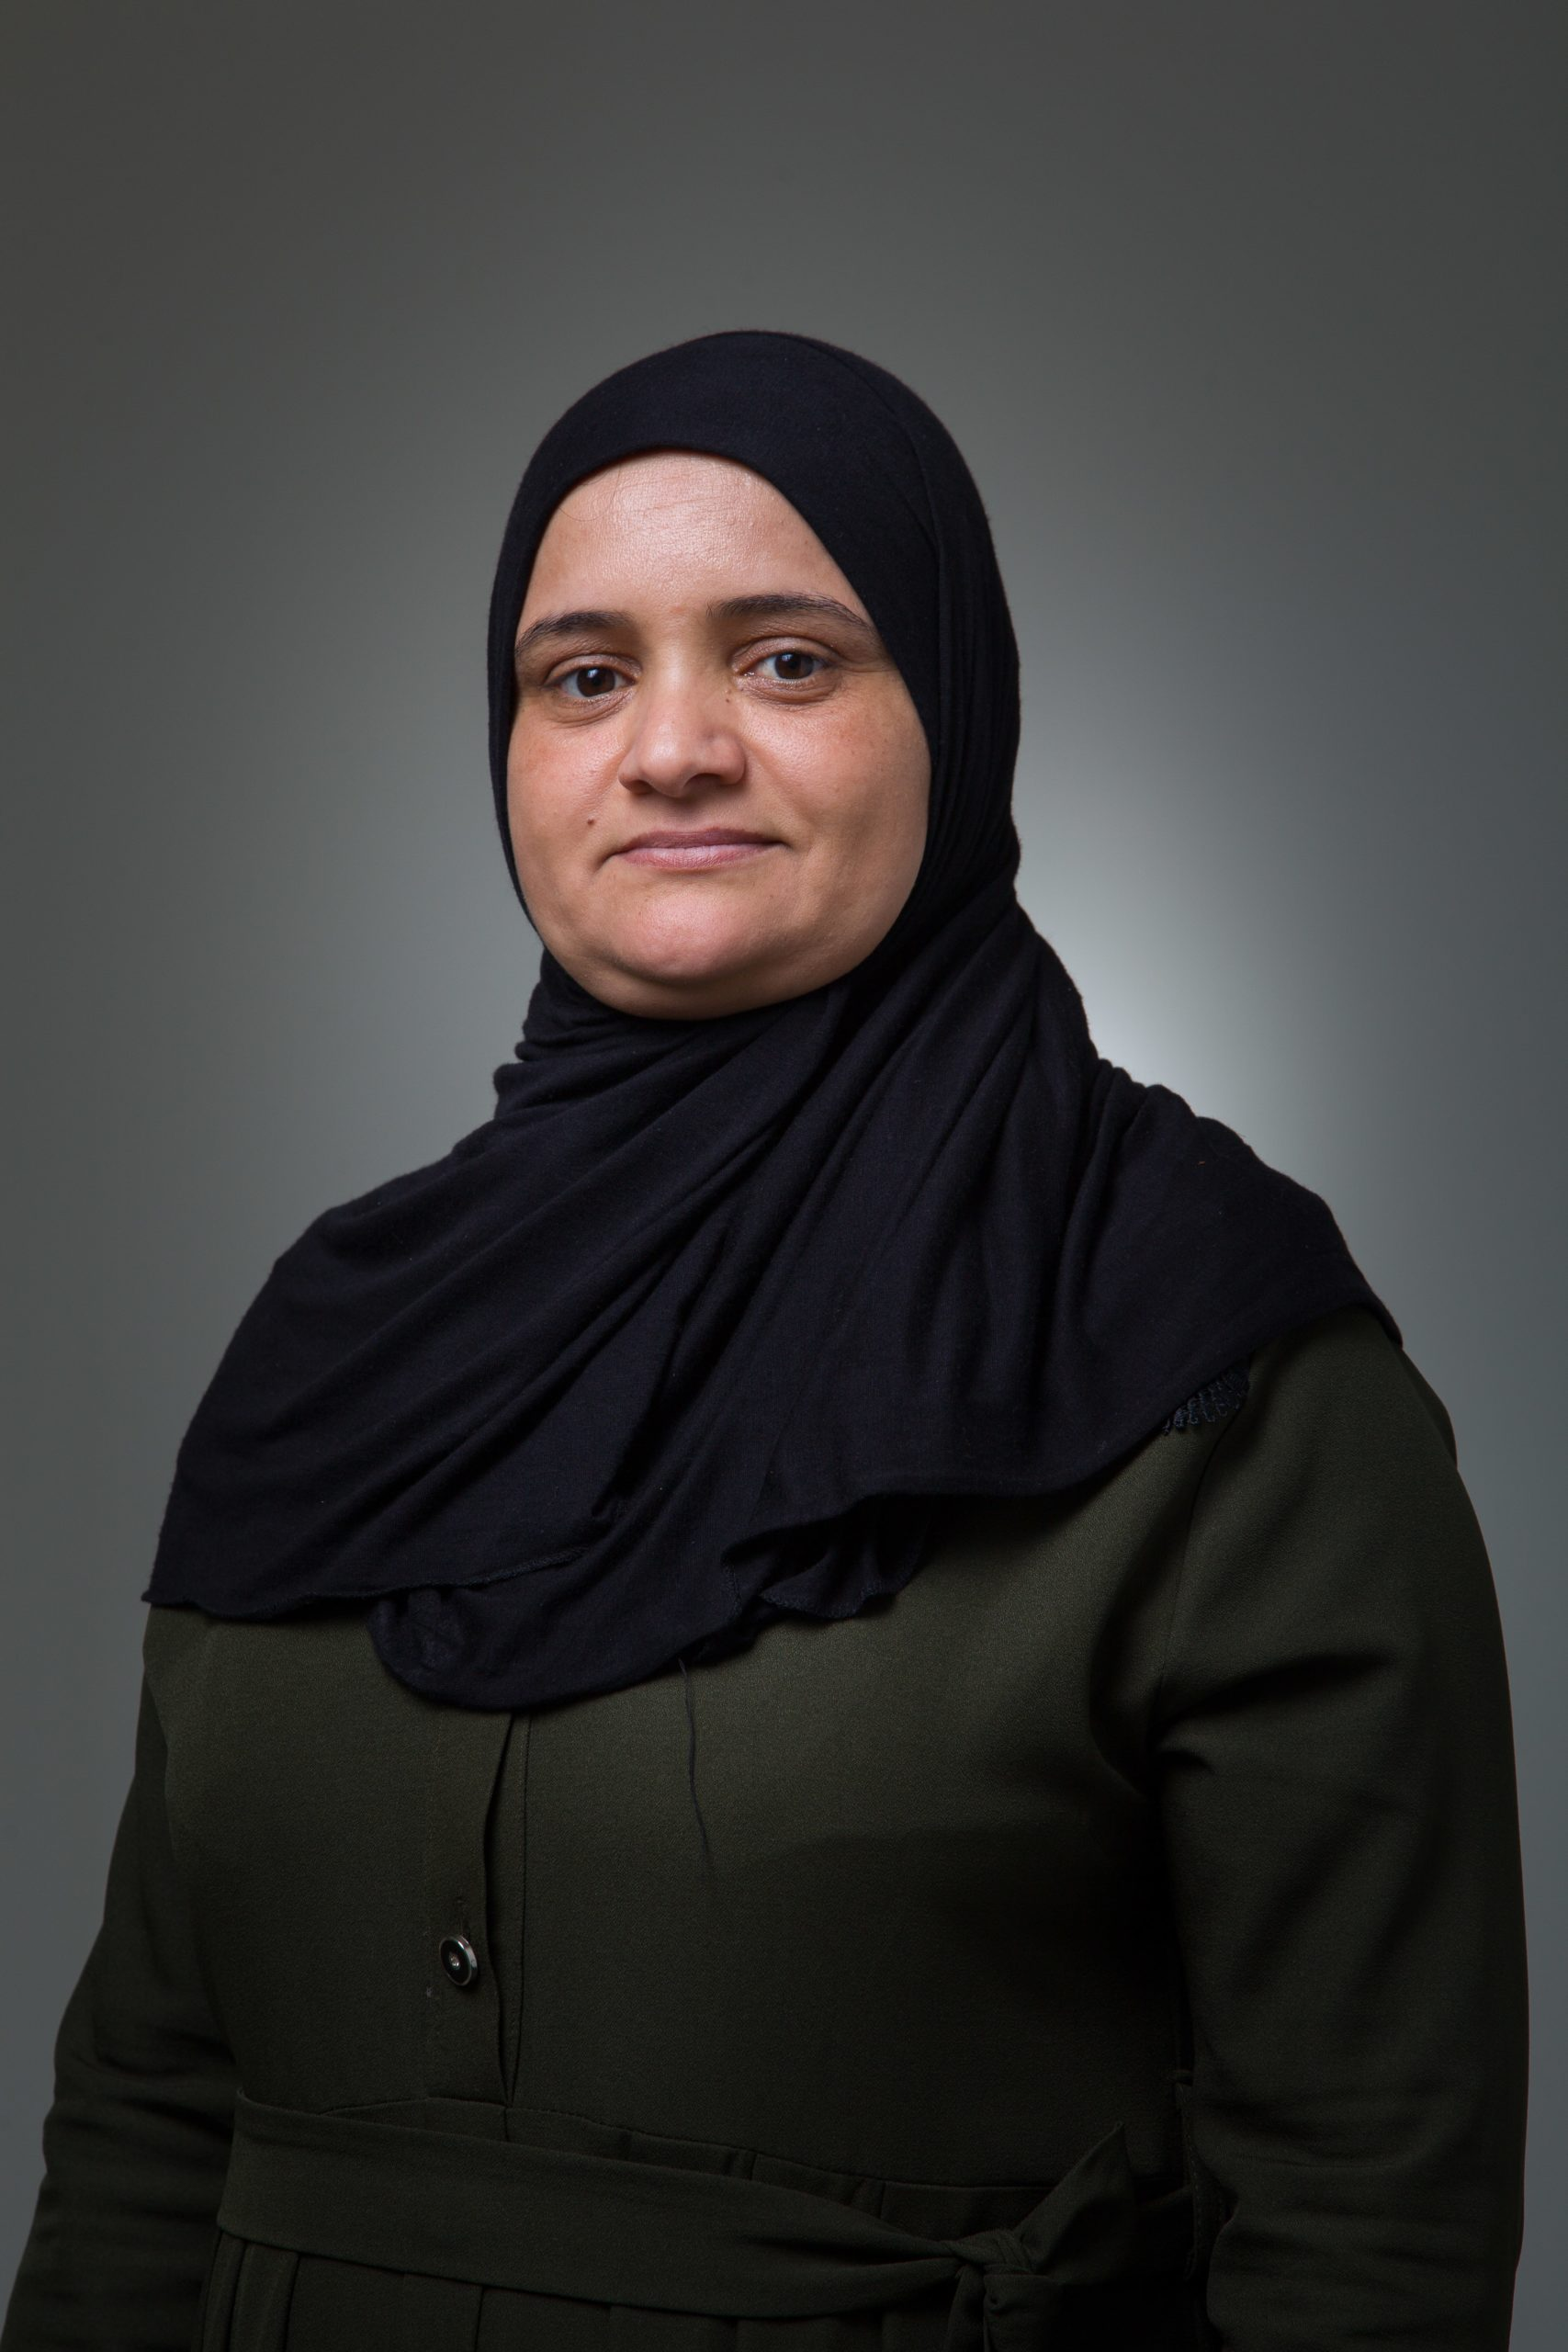 Naziha Salhi